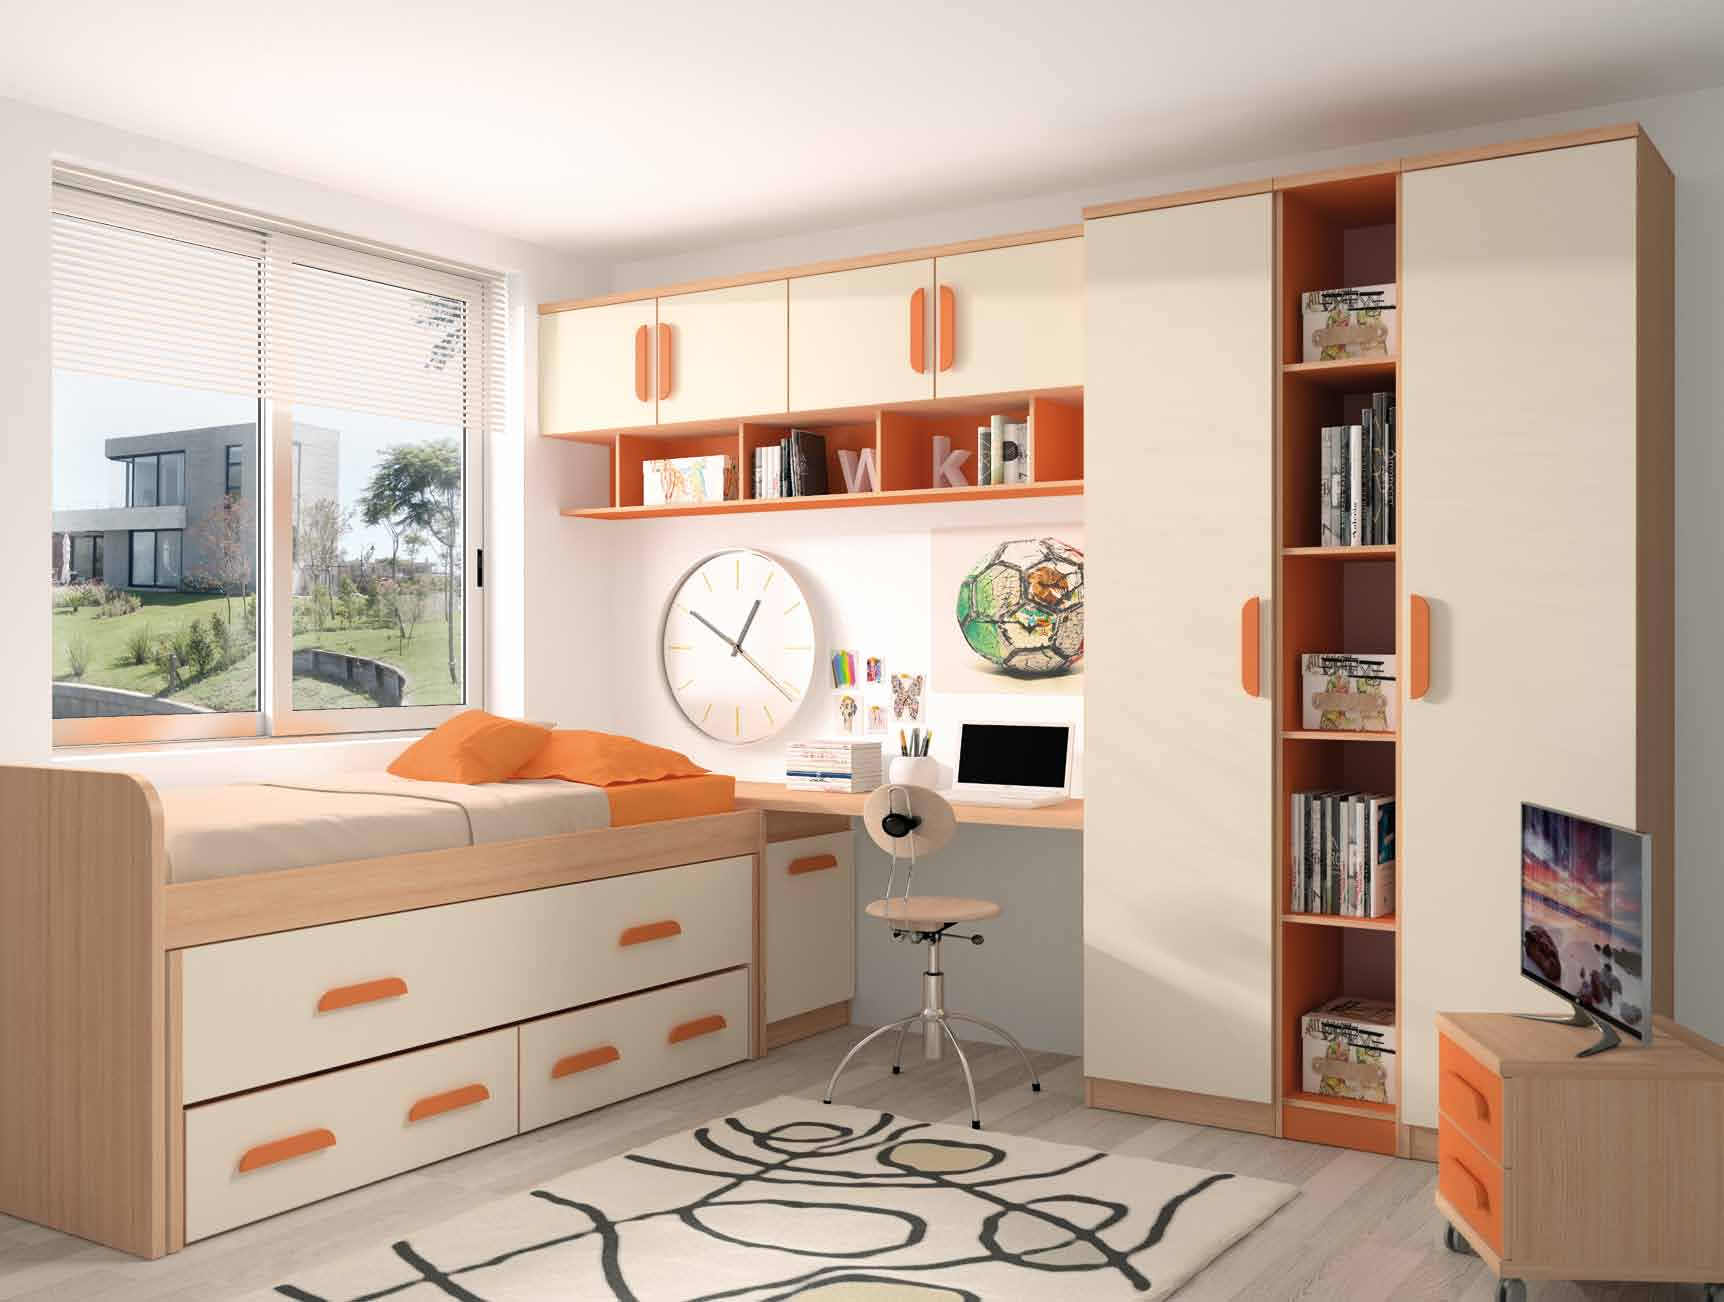 Dormitorio juvenil muebles adama tienda de muebles en madrid - Muebles dormitorio madrid ...